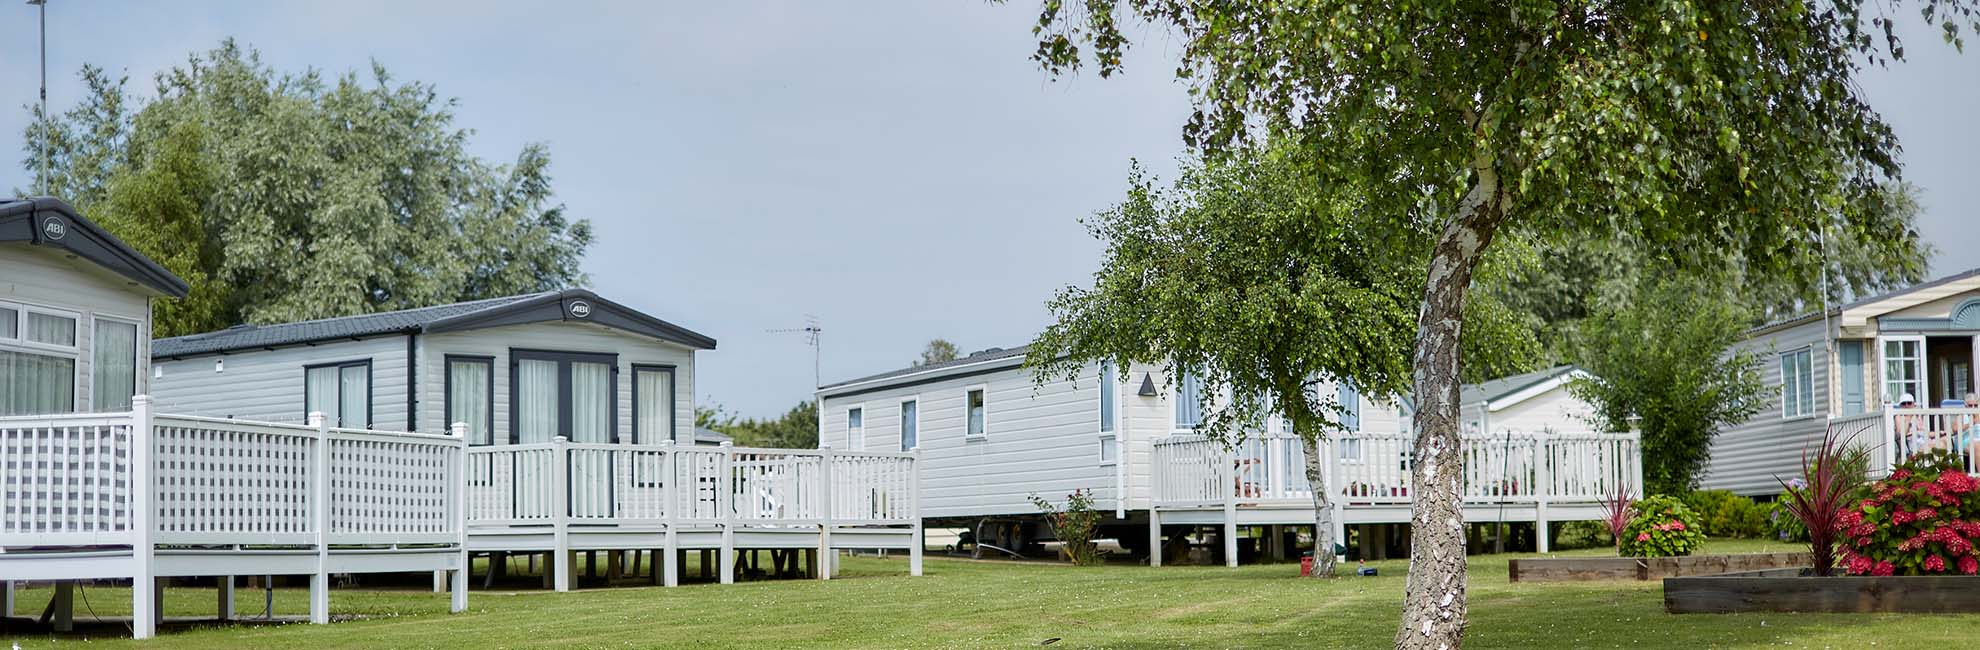 Caravans & Lodges for sale at Manor Park Holiday Park, Norfolk